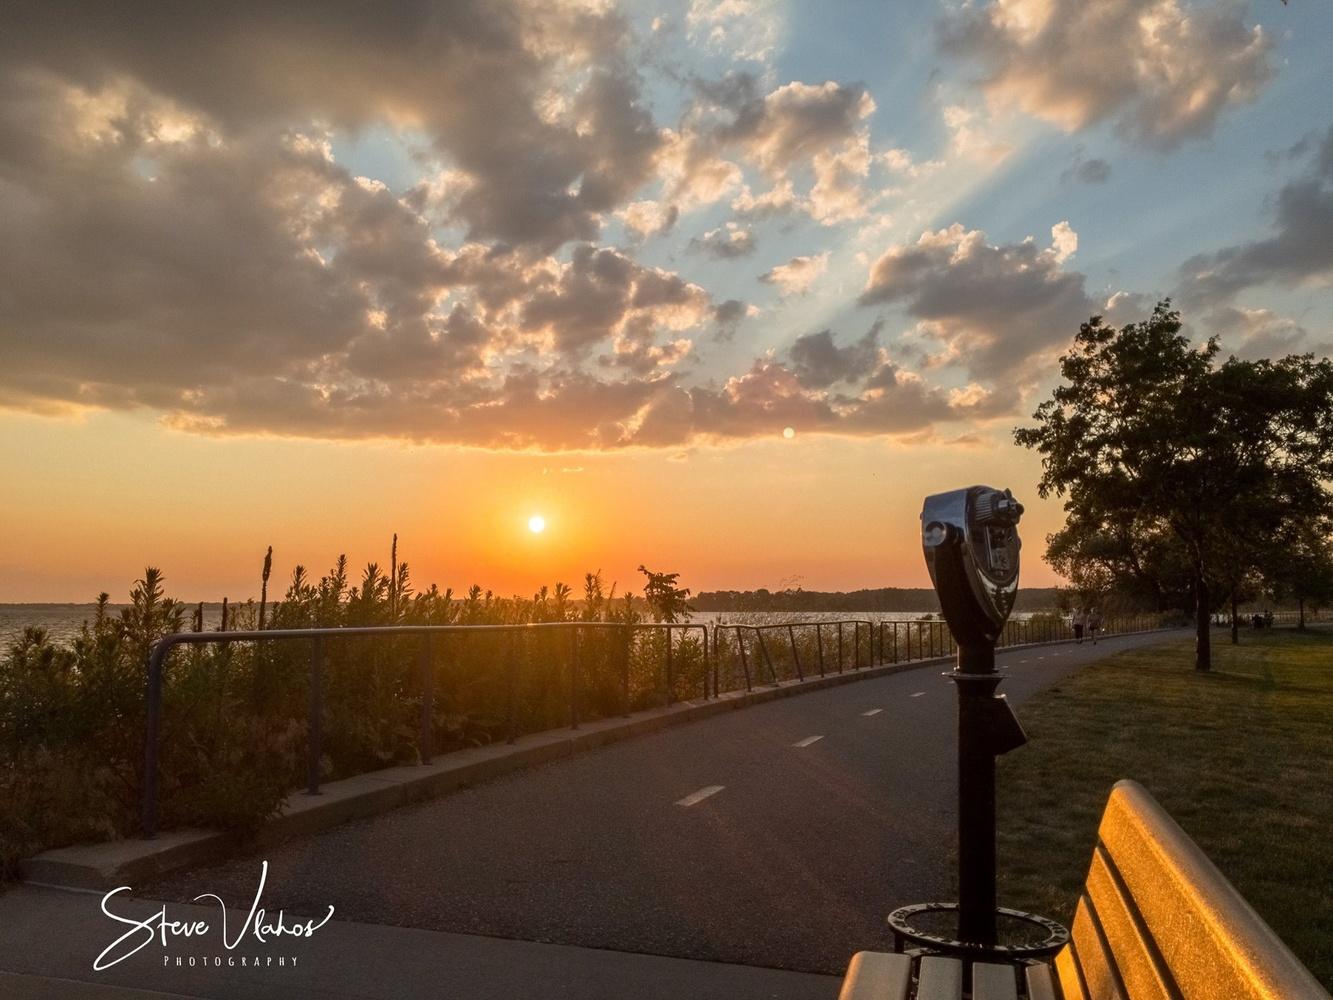 Sunset by Steve Vlahos